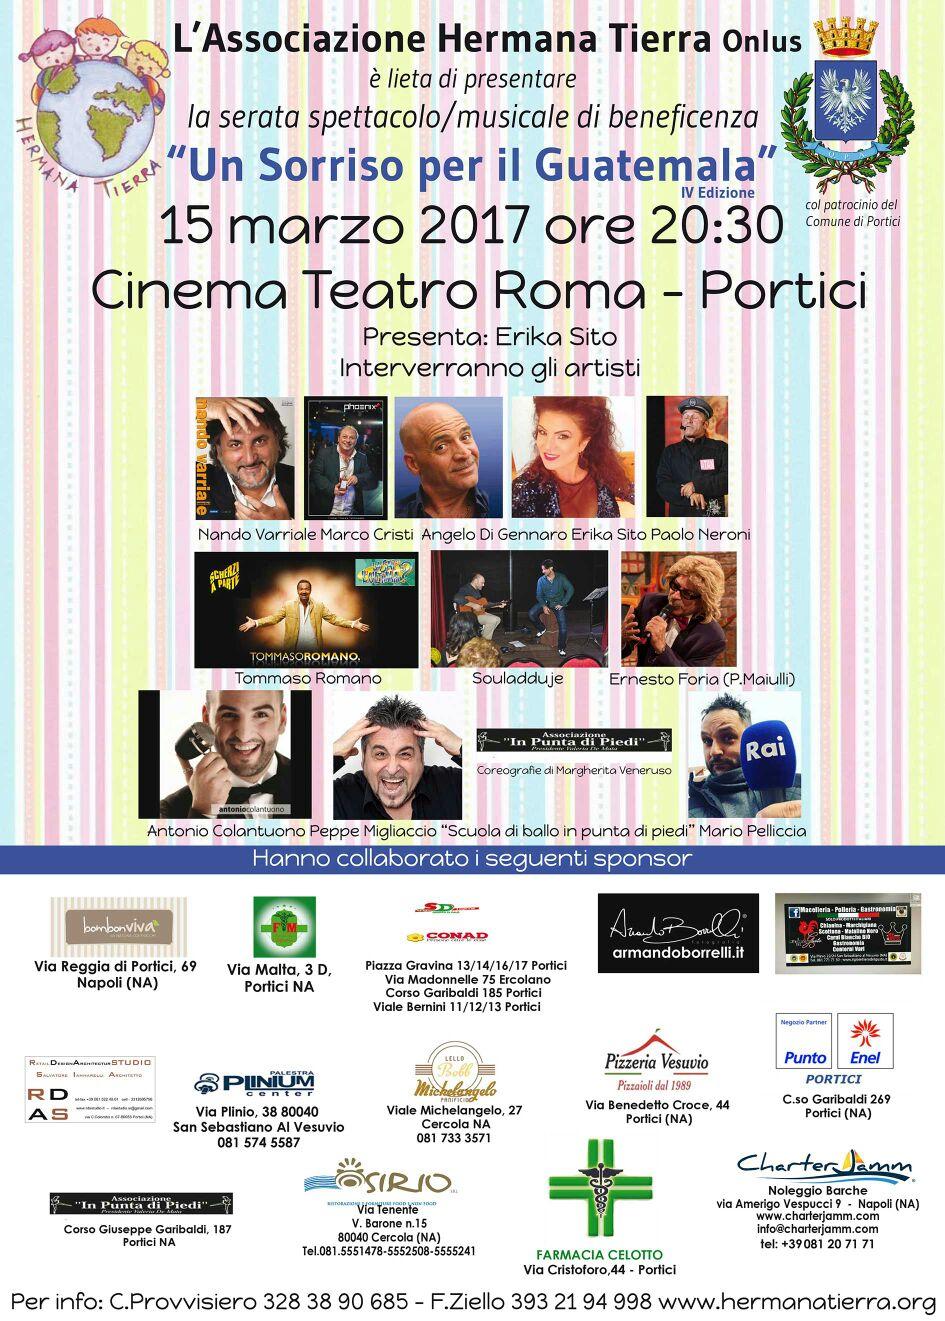 locandina spettacolo 2017 03 15